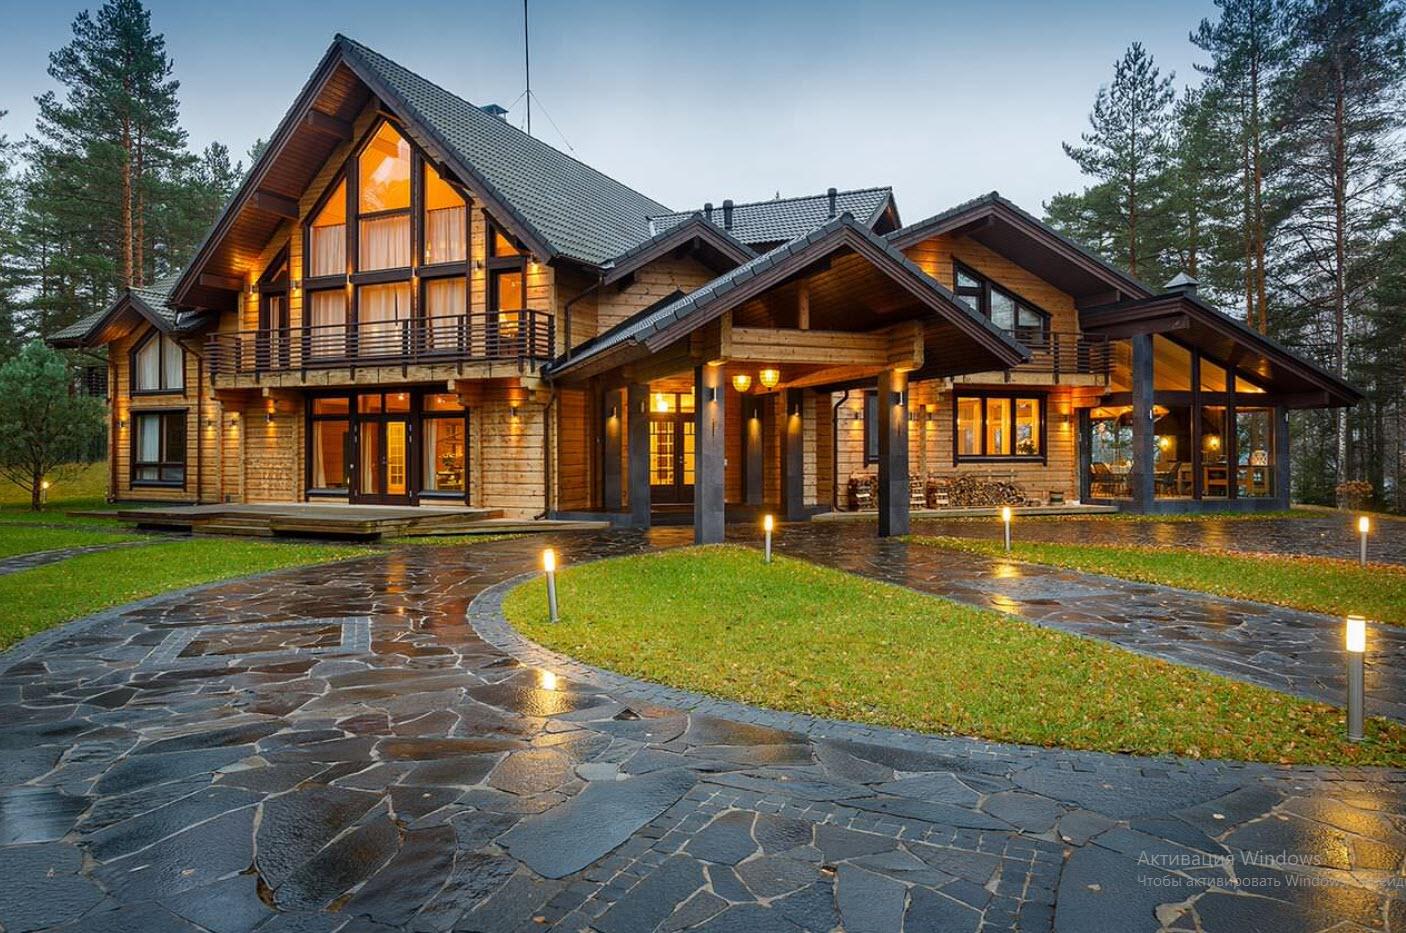 картинки с красивыми загородными домами общем, чтото опираться